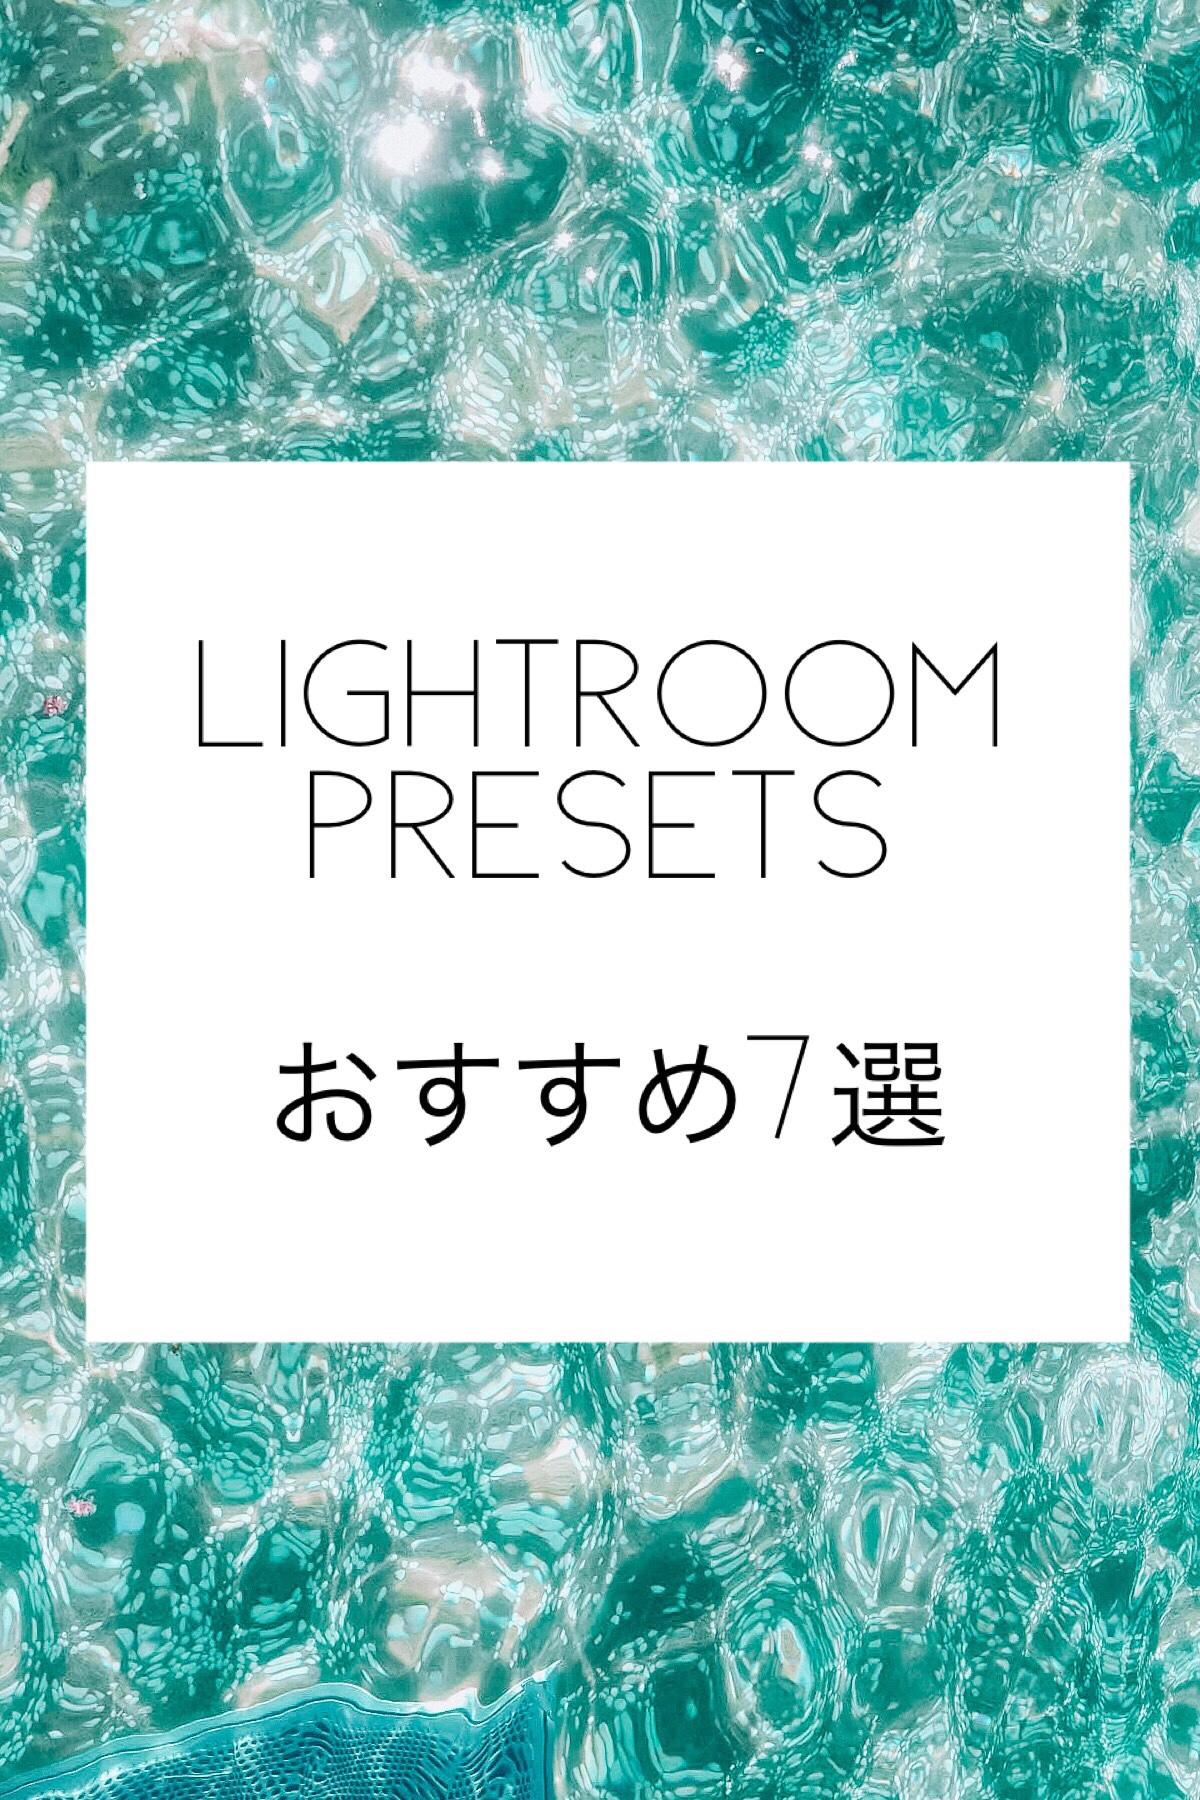 Lightroom(ライトルーム)のプリセットはもう使ってる?海外の人気インスタグラマーのプリセット!おすすめ7選!!